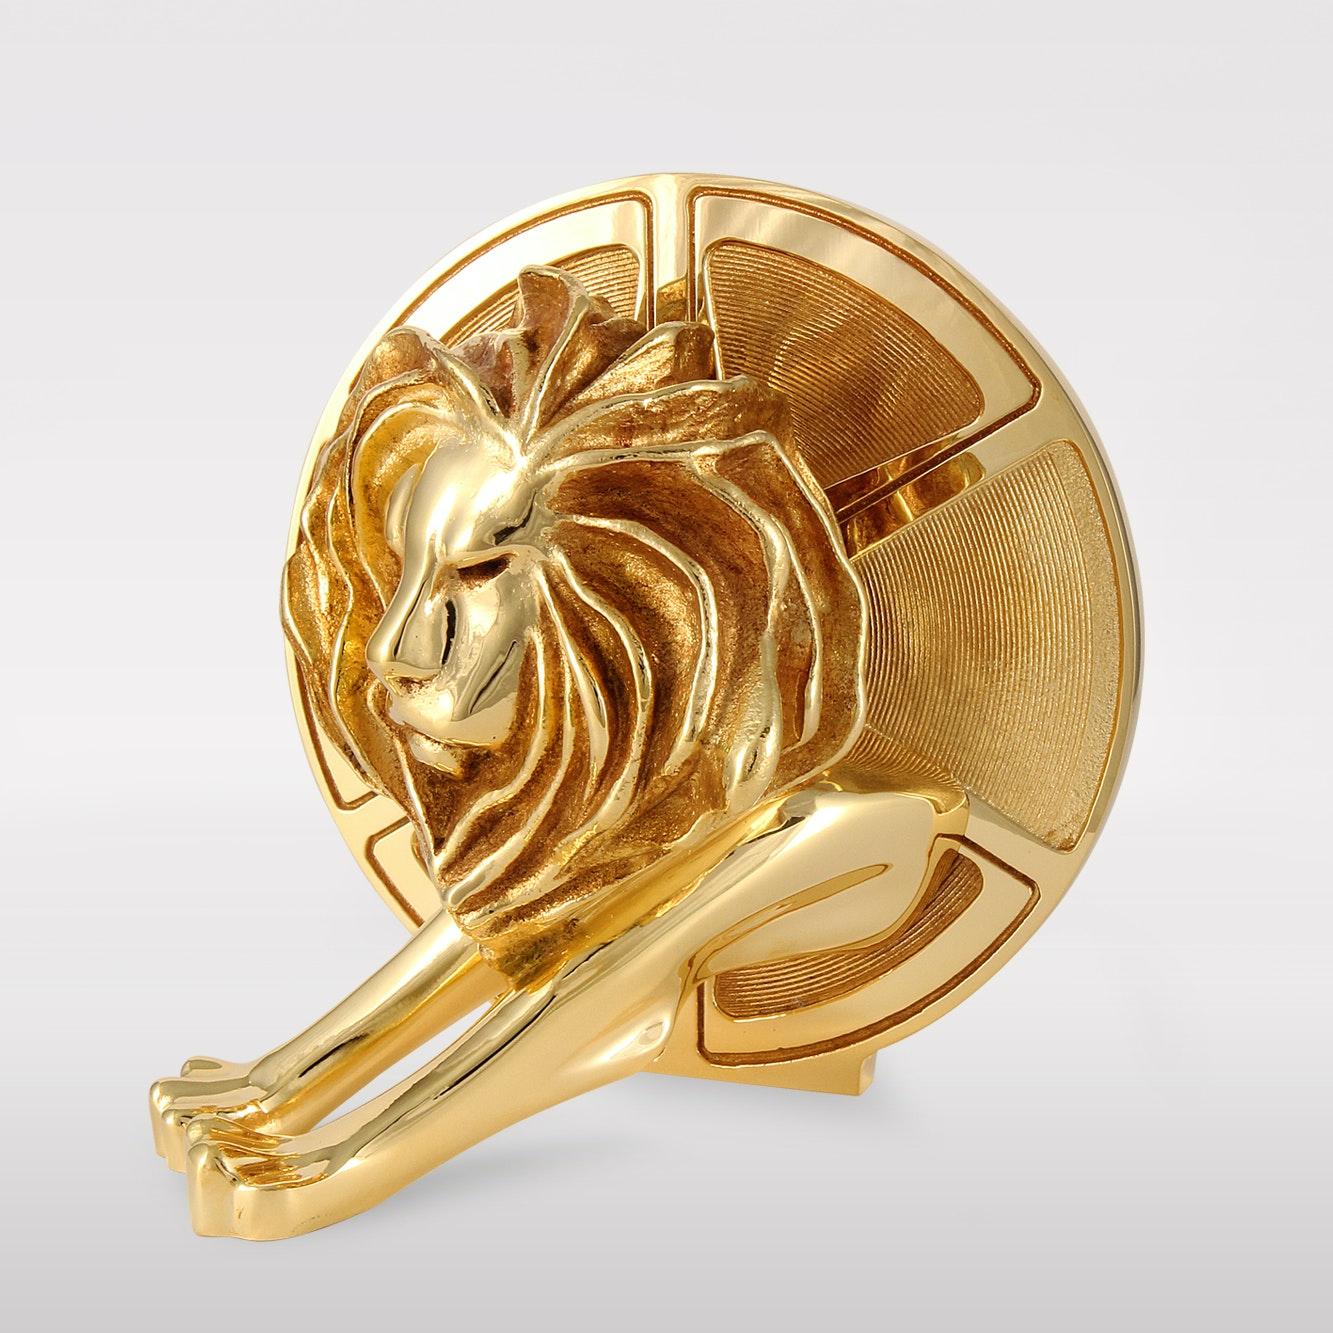 Big Buoy - Editing Gold Lion for Big Chop!